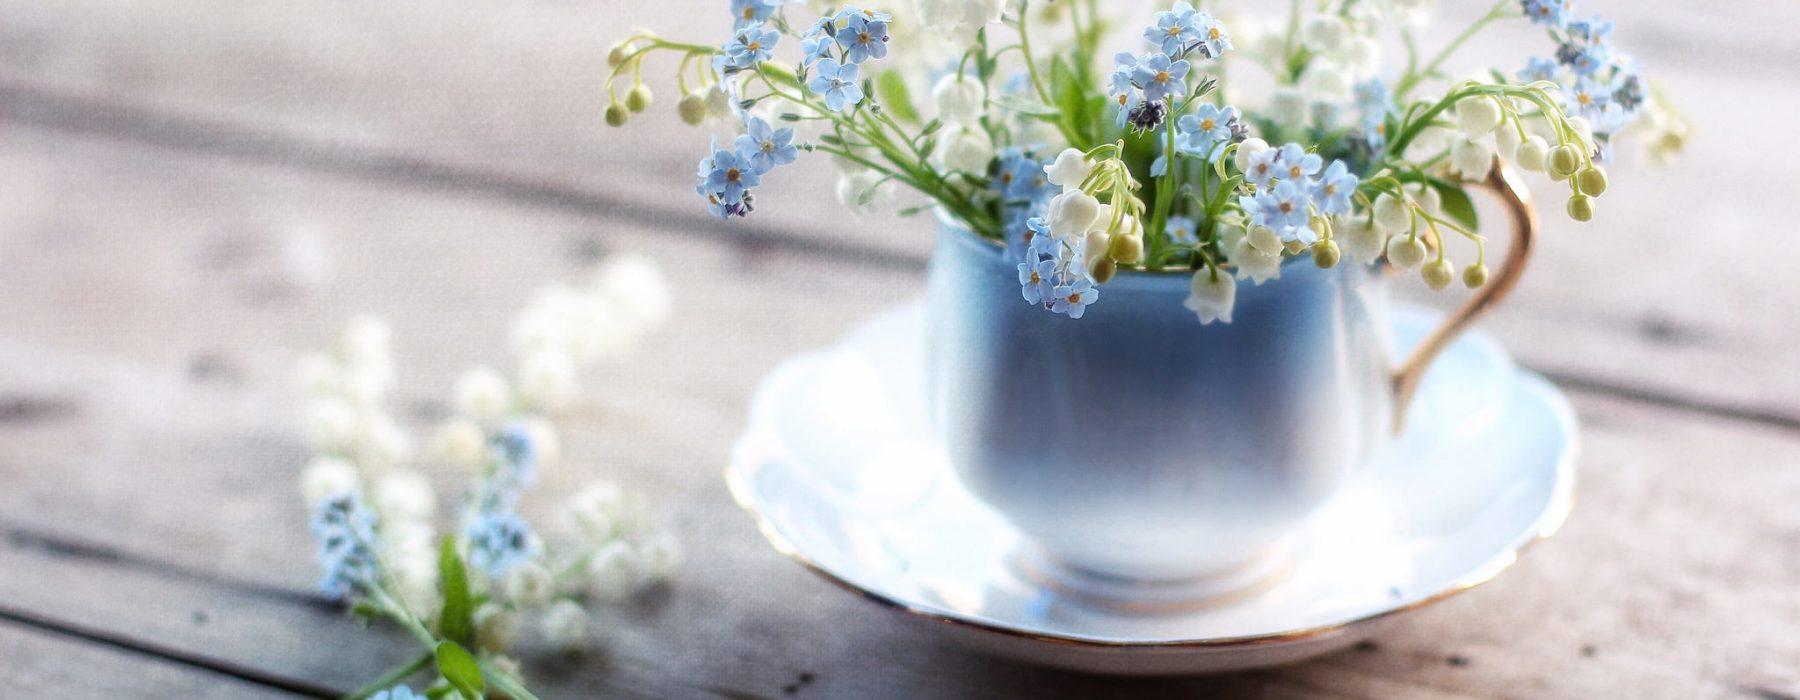 แจกันดอกไม้ปากคลองตลาดใหม่